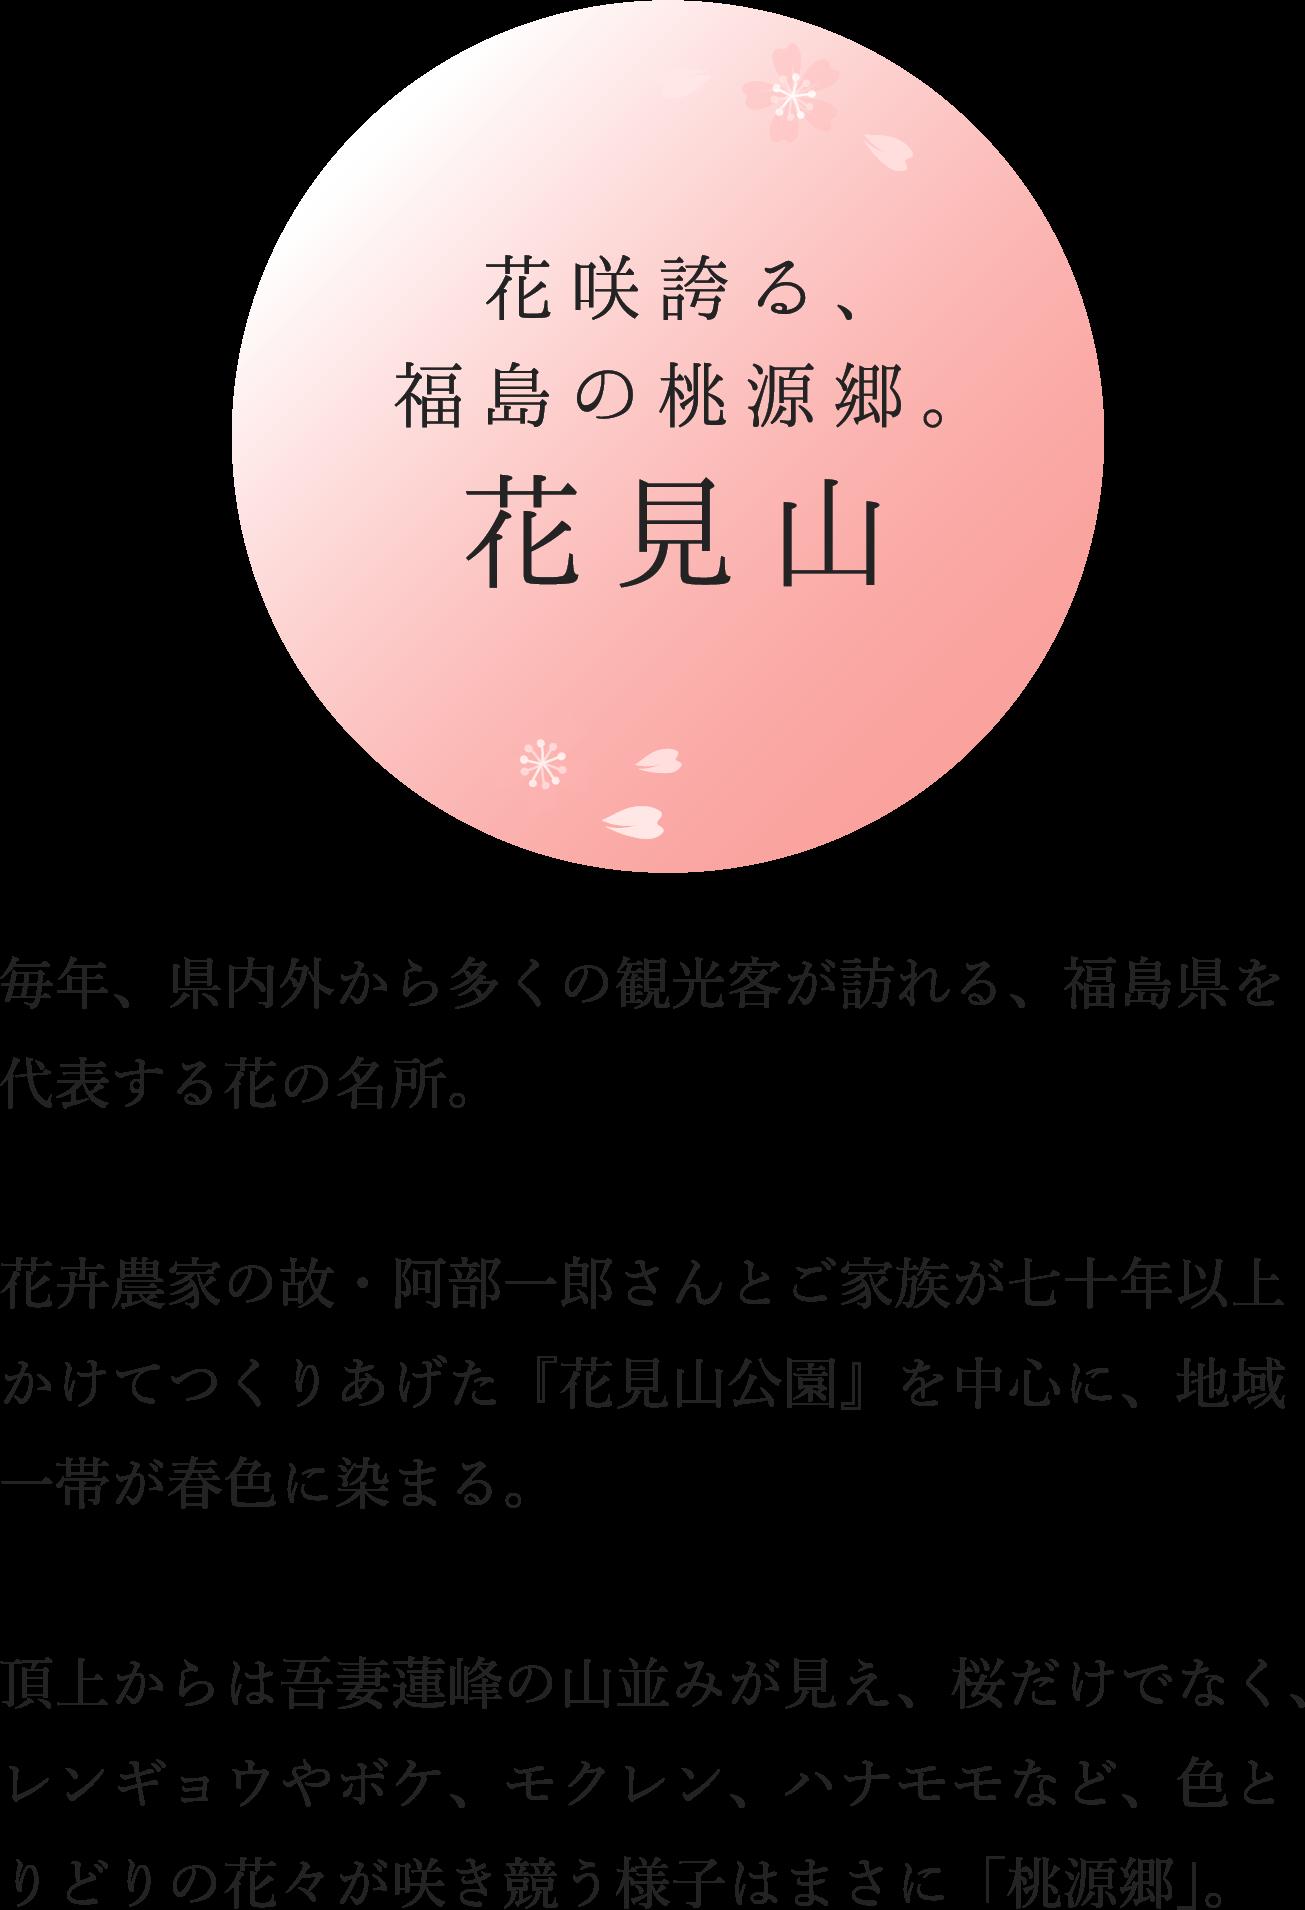 花咲誇る、福島の桃源郷。花見山毎年、県内外から多くの観光客が訪れる、福島県を代表する花の名所。花卉農家の故・阿部一郎さんとご家族が七十年以上かけてつくりあげた『花見山公園』を中心に、地域一帯が春色に染まる。頂上からは吾妻蓮峰の山並みが見え、桜だけでなく、レンギョウやボケ、モクレン、ハナモモなど、色とりどりの花々が咲き競う様子はまさに「桃源郷」。